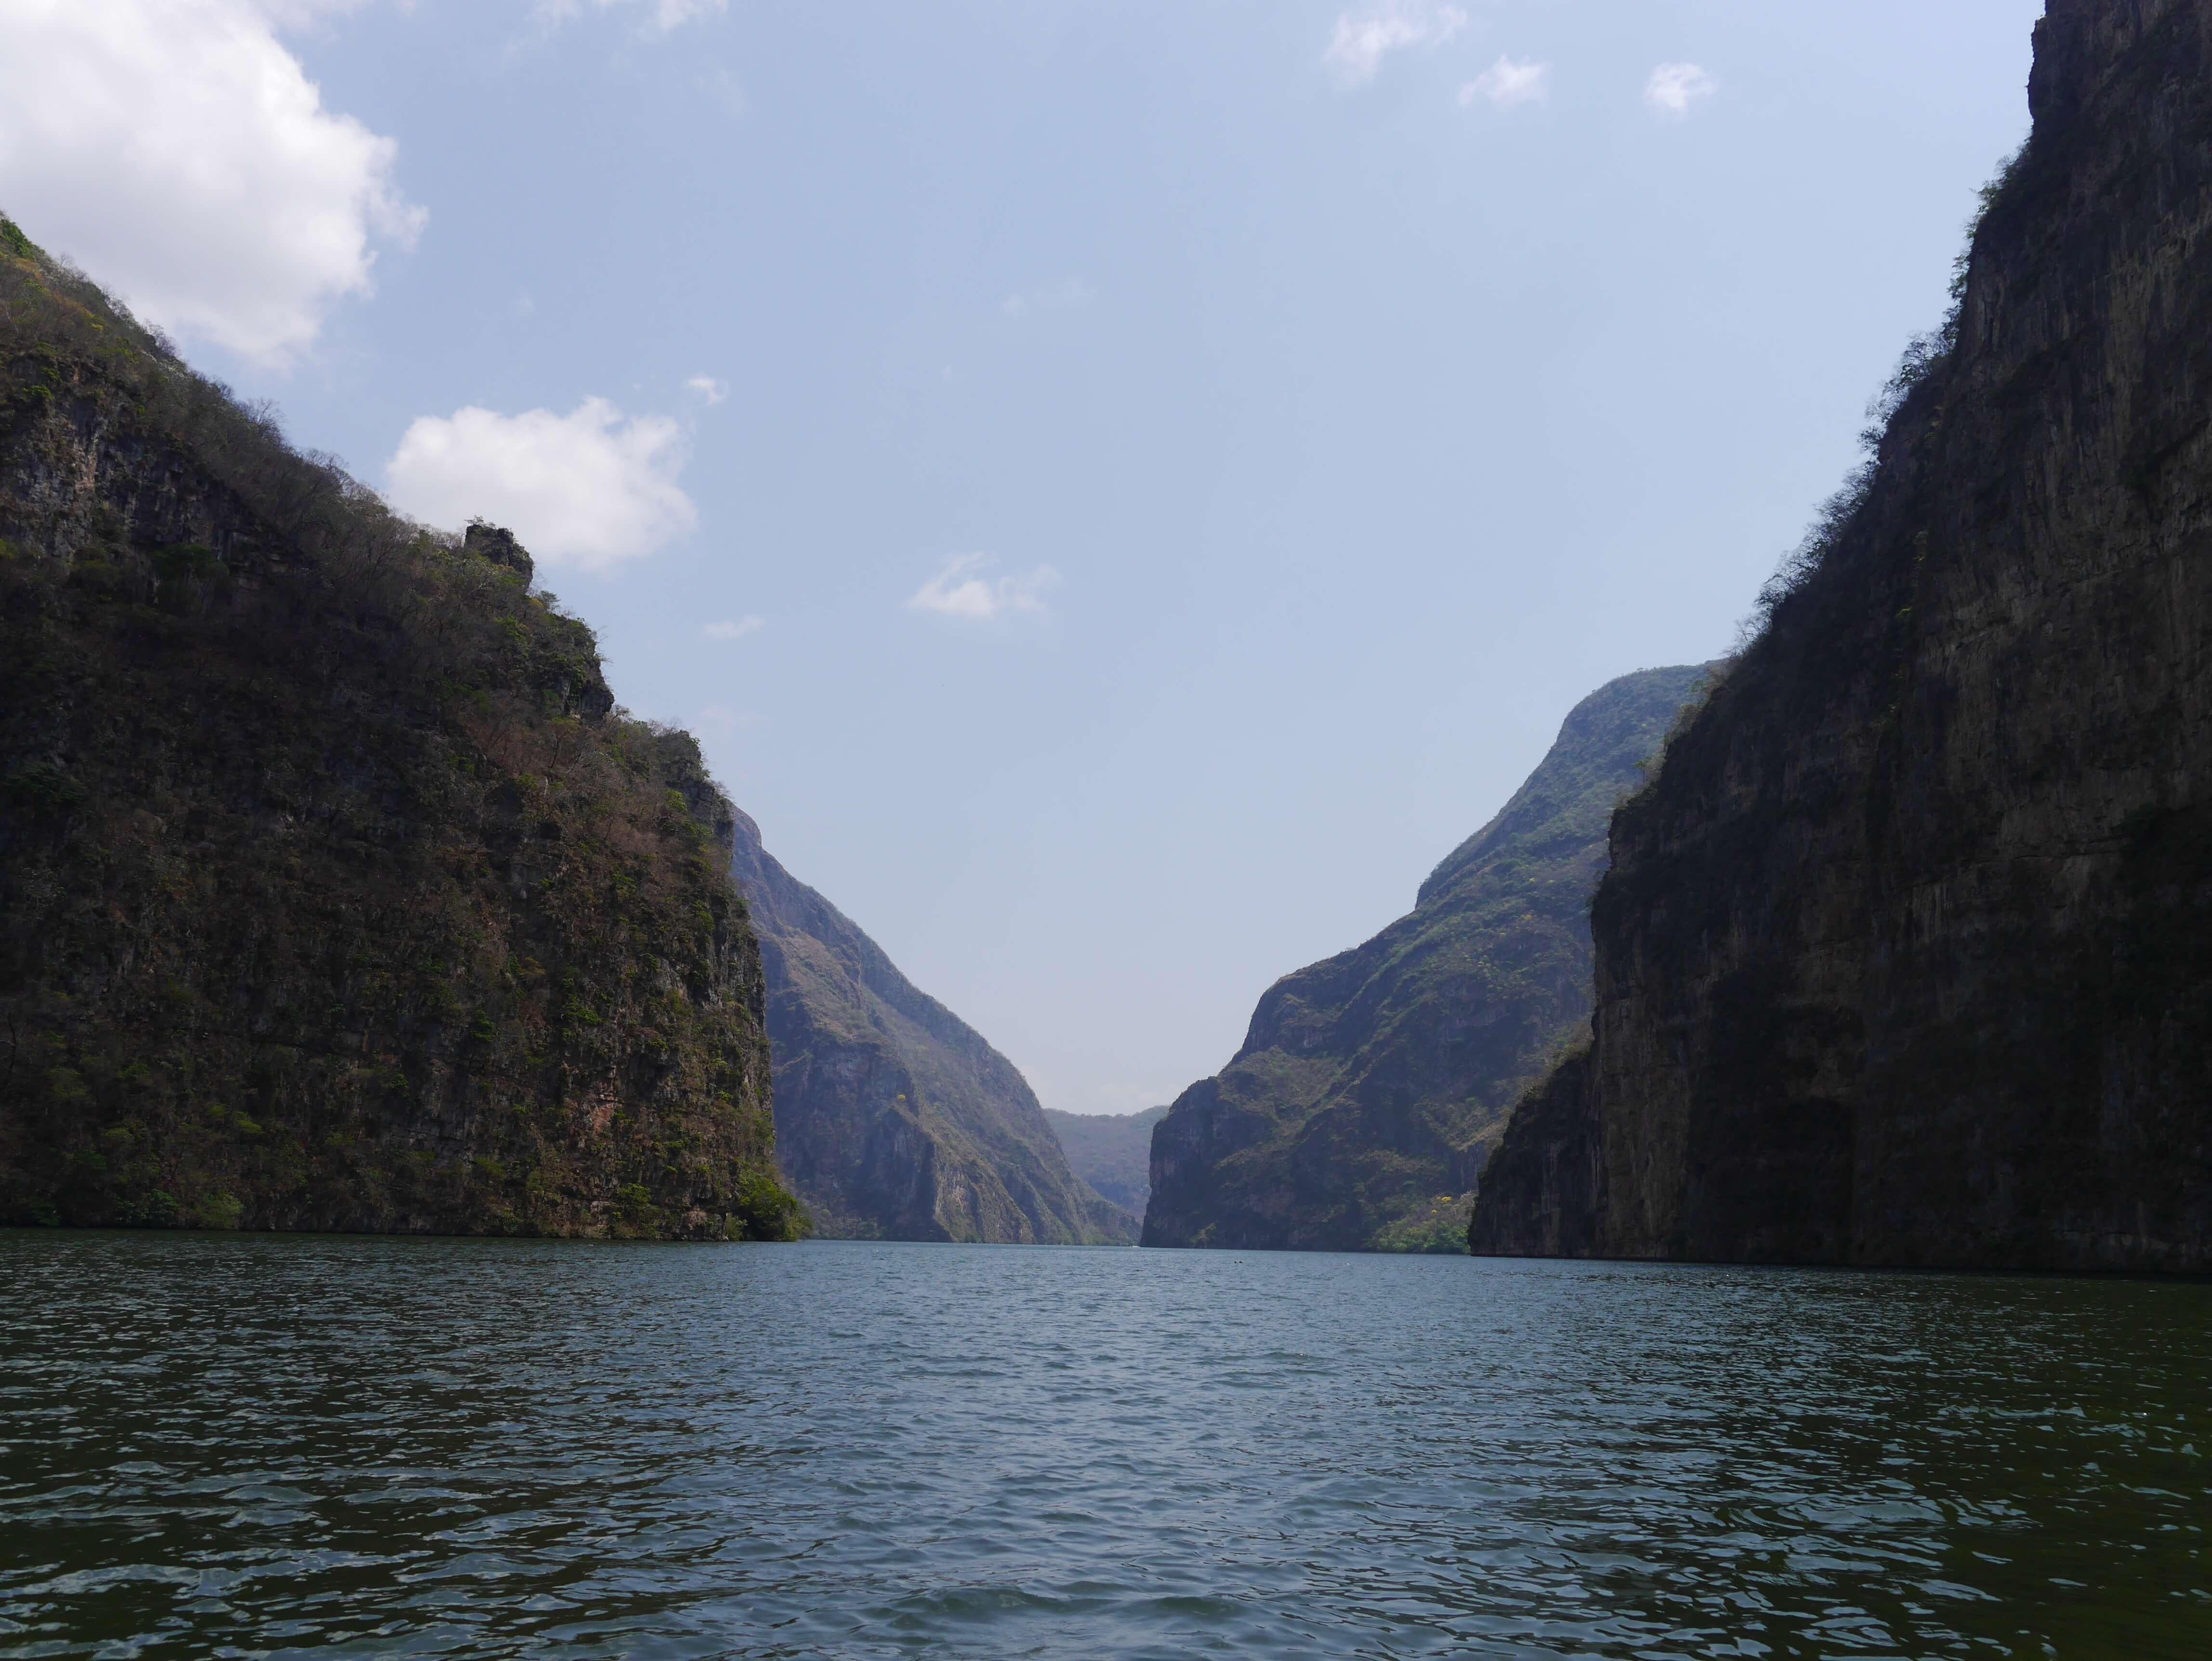 Cañón-Sumidero-agua-acantilados-cielo